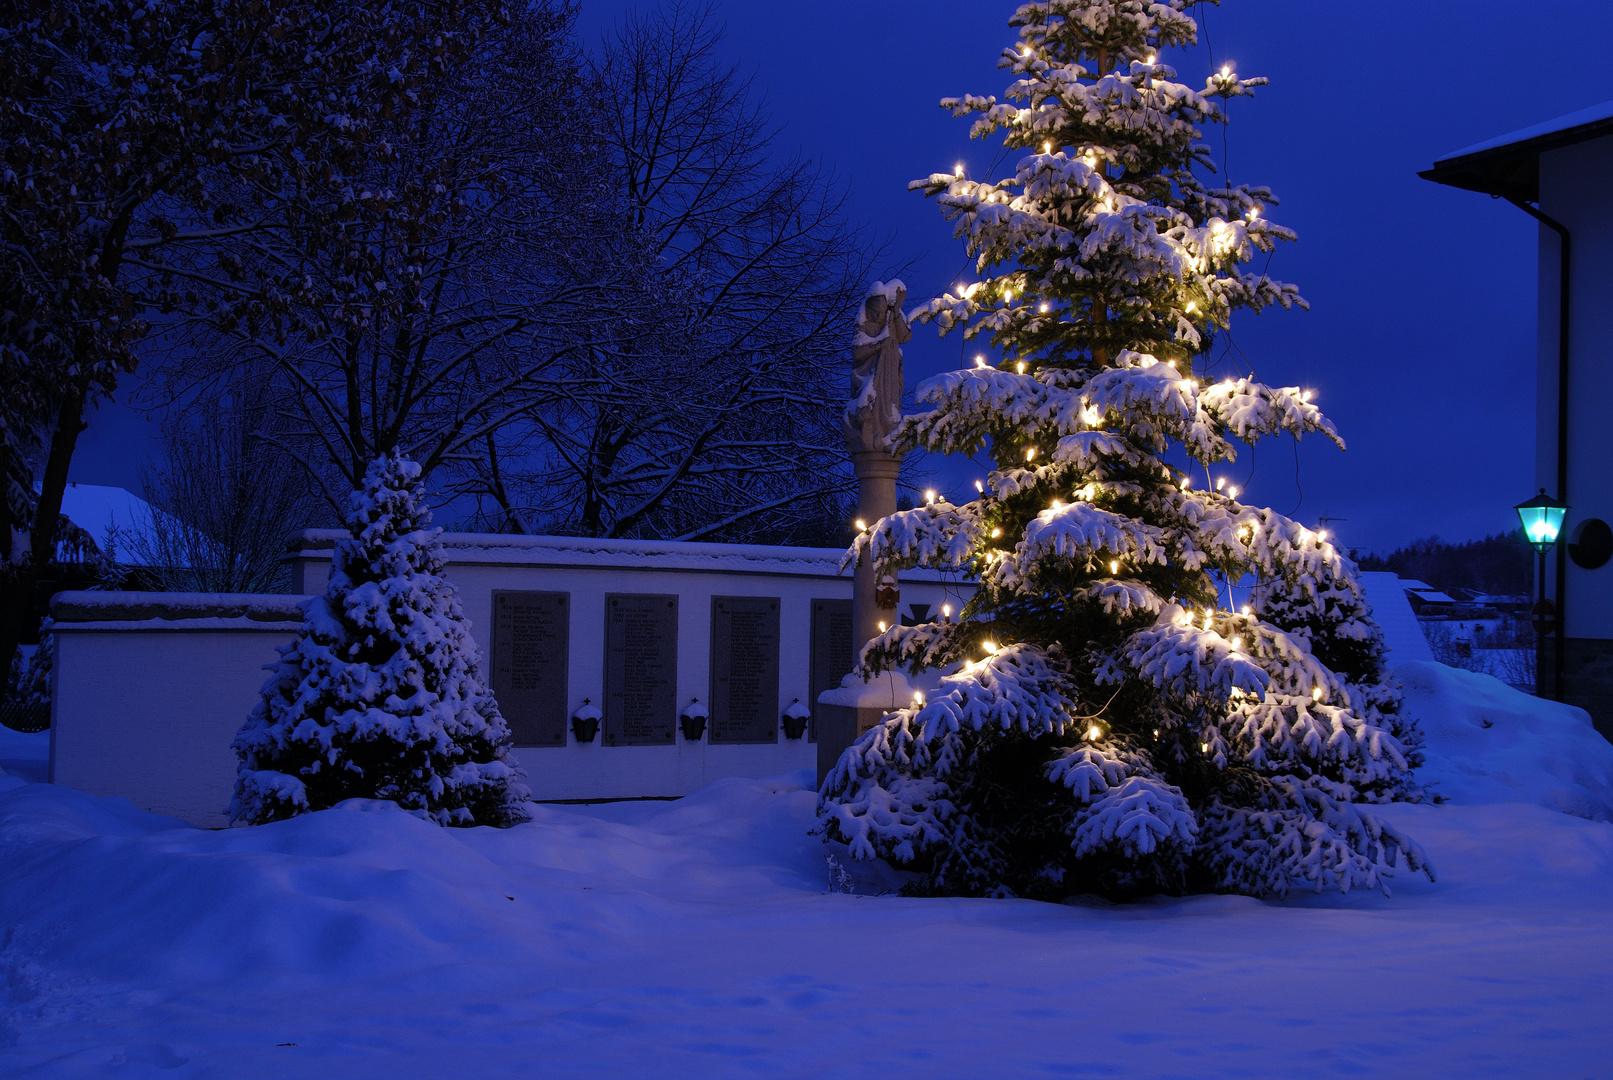 weihnachtsbaum in klingenbrunn foto bild deutschland. Black Bedroom Furniture Sets. Home Design Ideas